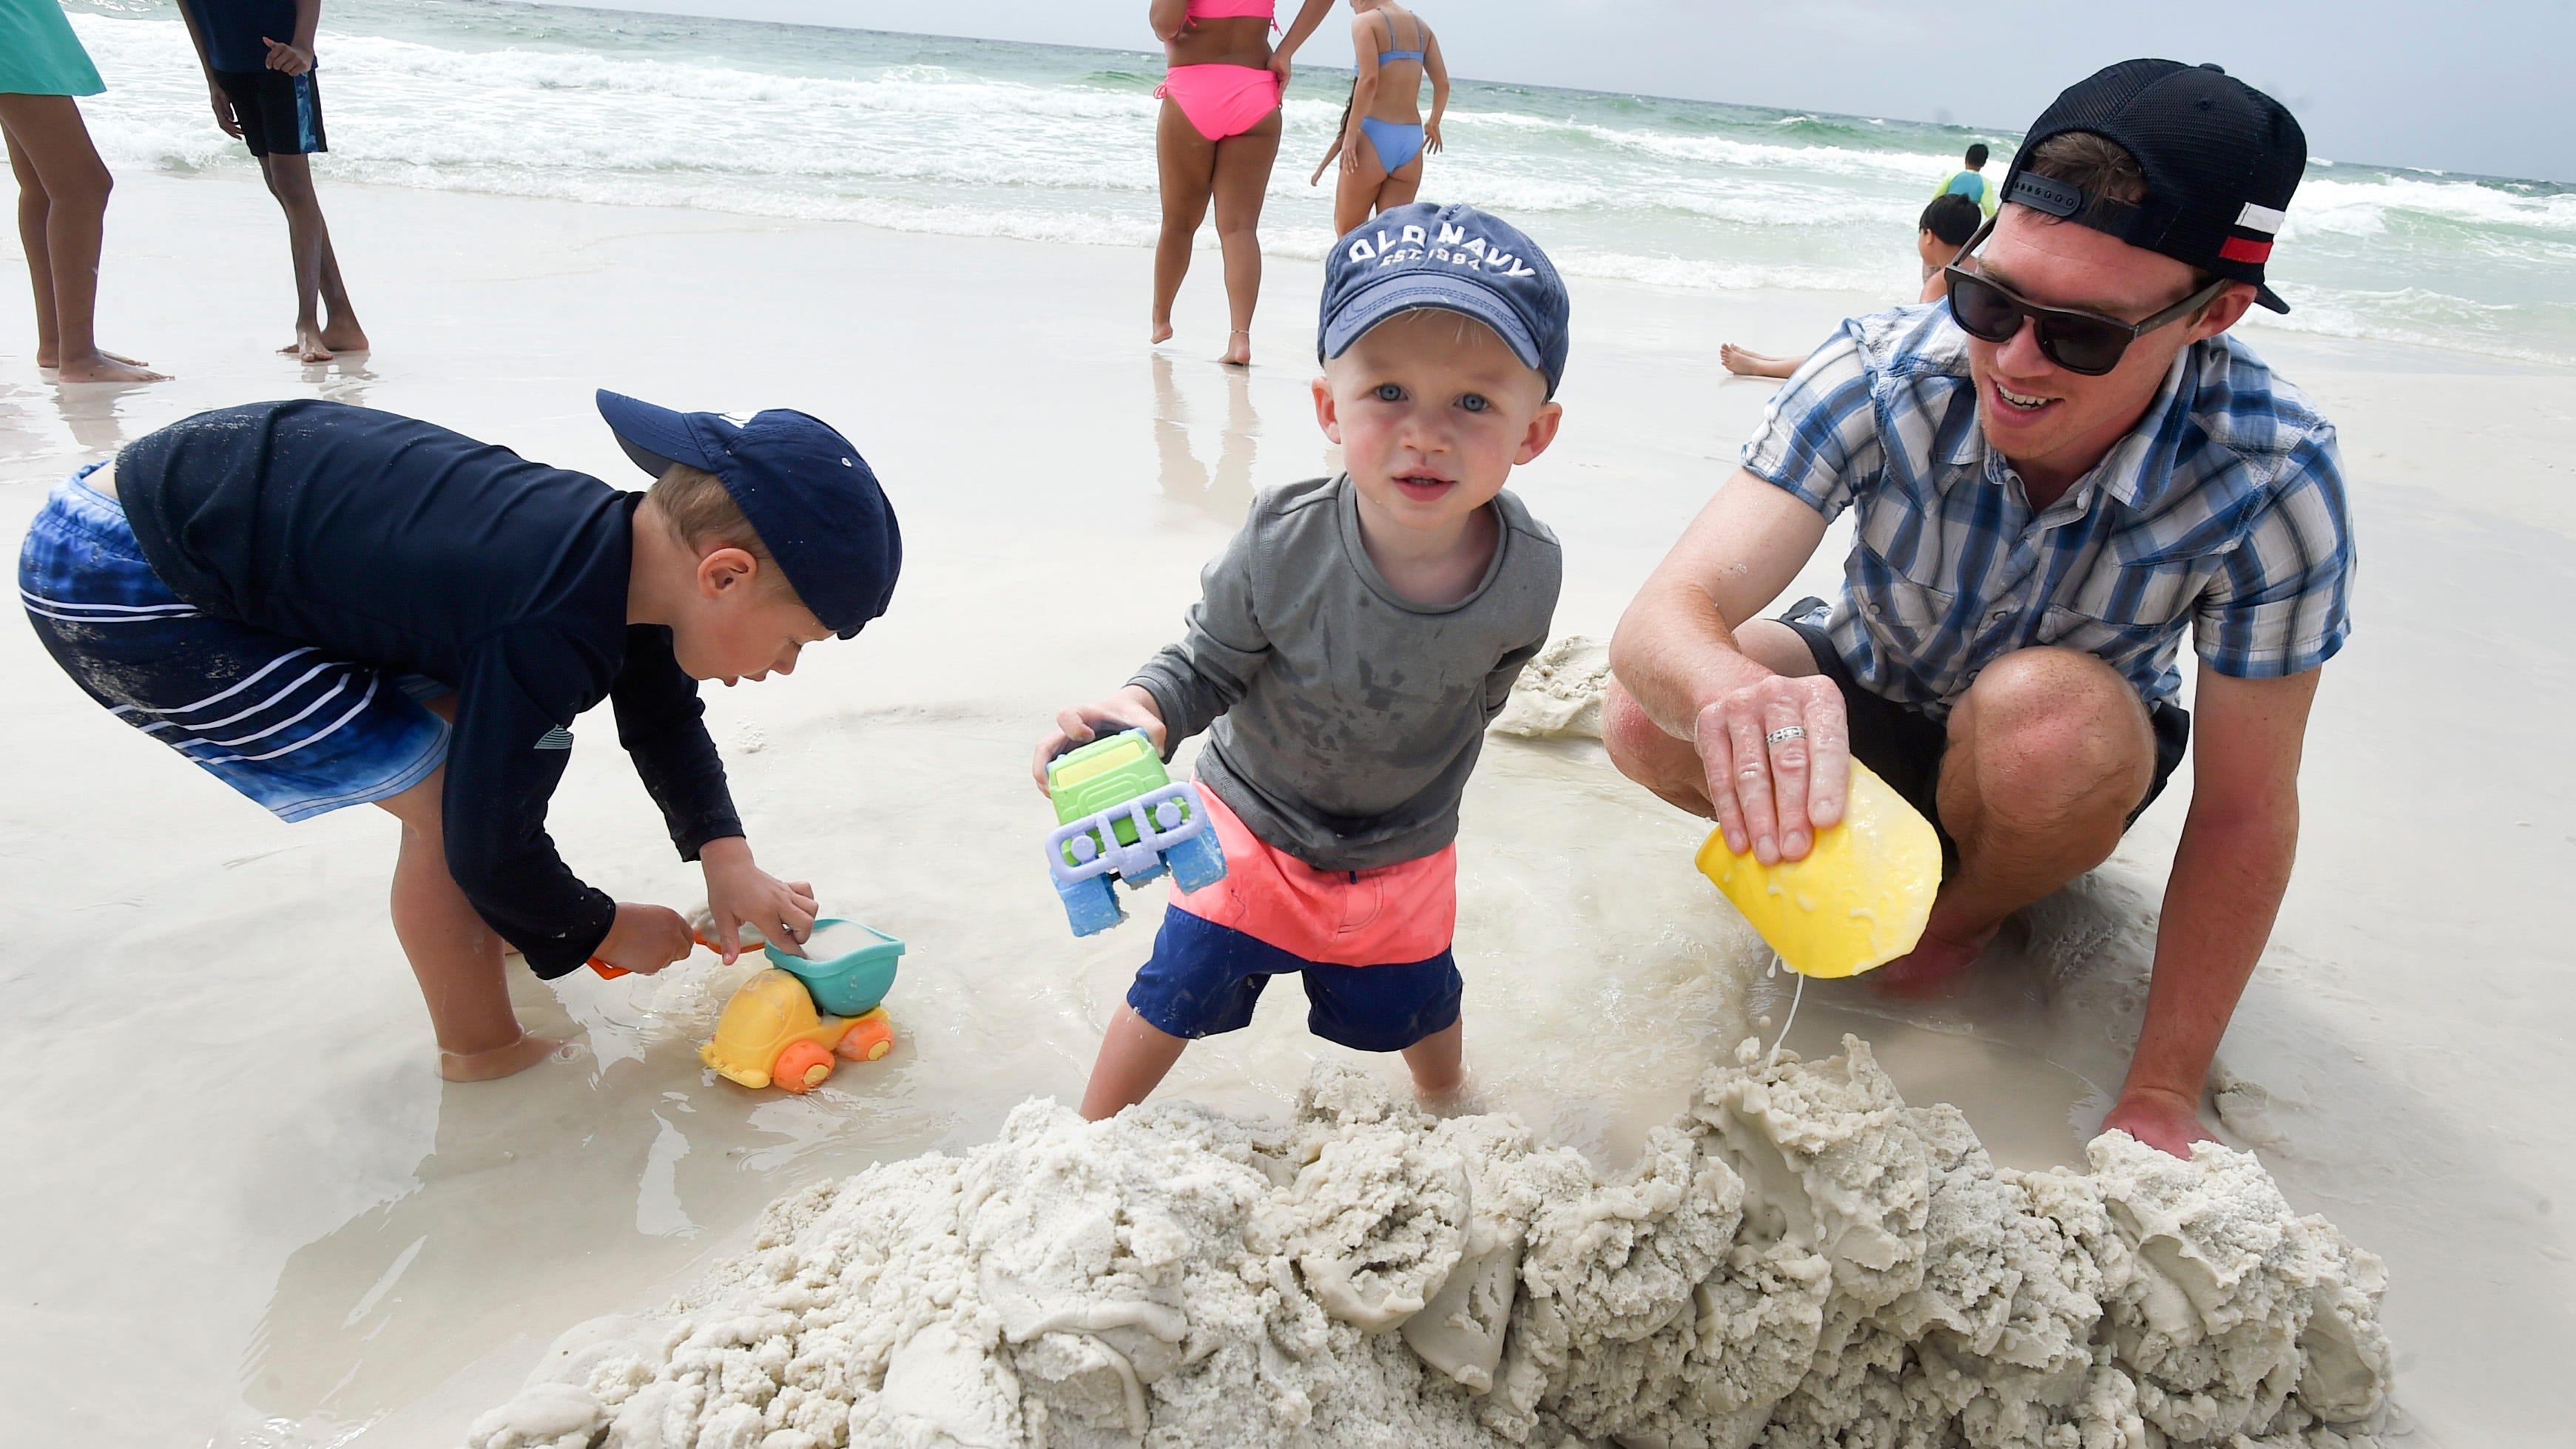 Patrick McCombs está trabajando con sus hijos Campbell, a la izquierda, y Cotton en una duna de arena en la playa en Tests el martes por la tarde.  El martes, los surfistas duros mantuvieron a los nadadores frente a la costa de la isla de Oklahoma y Testin cerca de la costa.